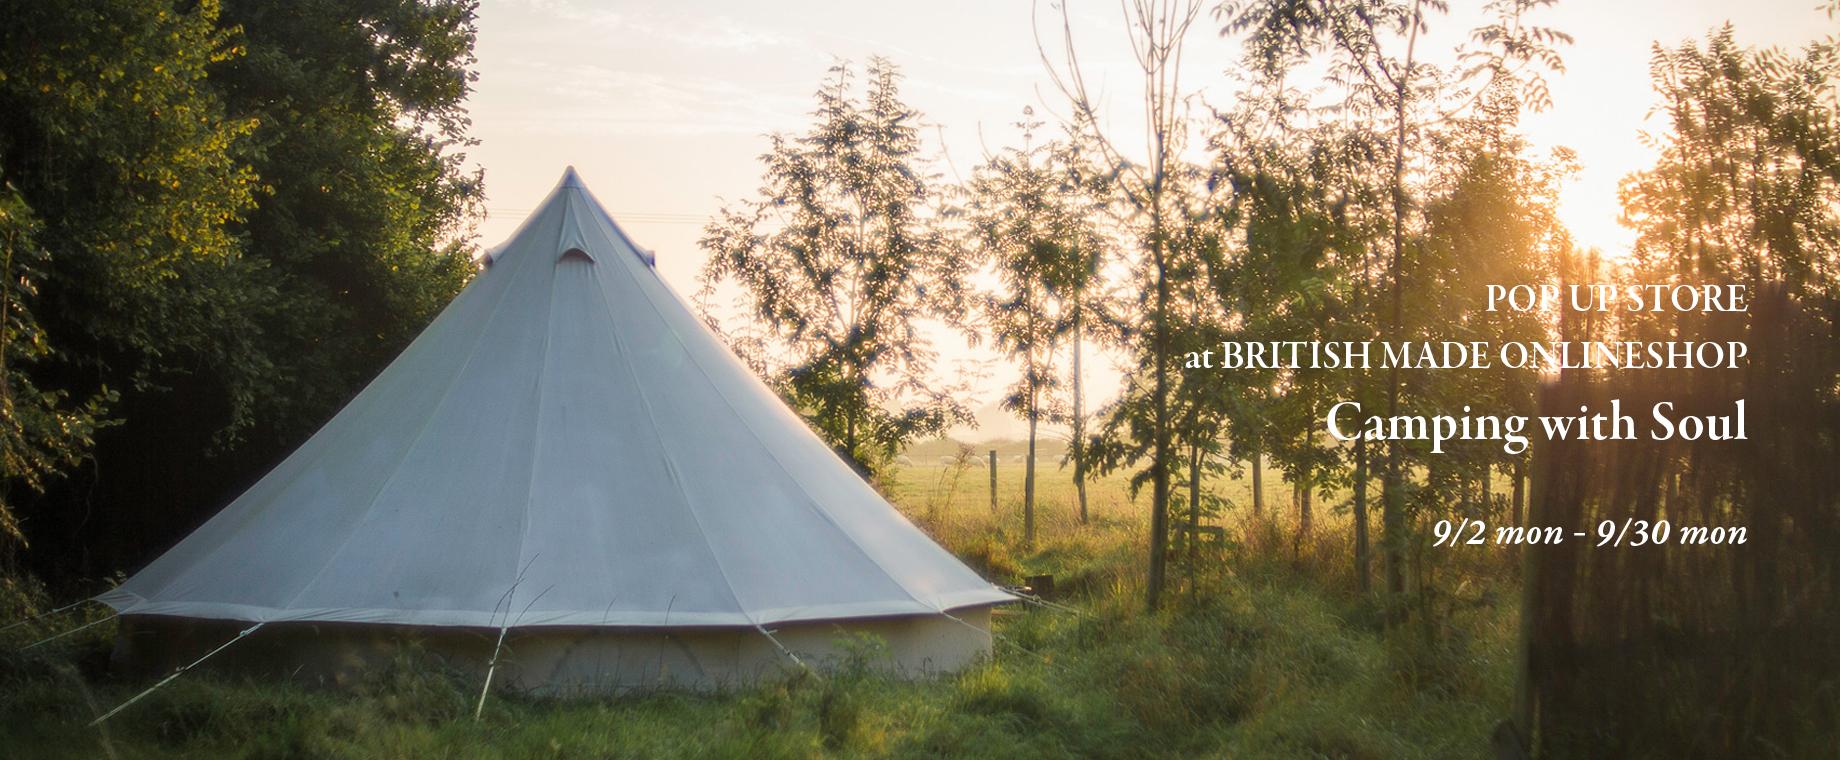 """世界のグランピングカルチャーをリードするイギリス発のキャンプメーカー""""Camping with Soul""""のPOP UPをオンラインショップで期間限定開催"""